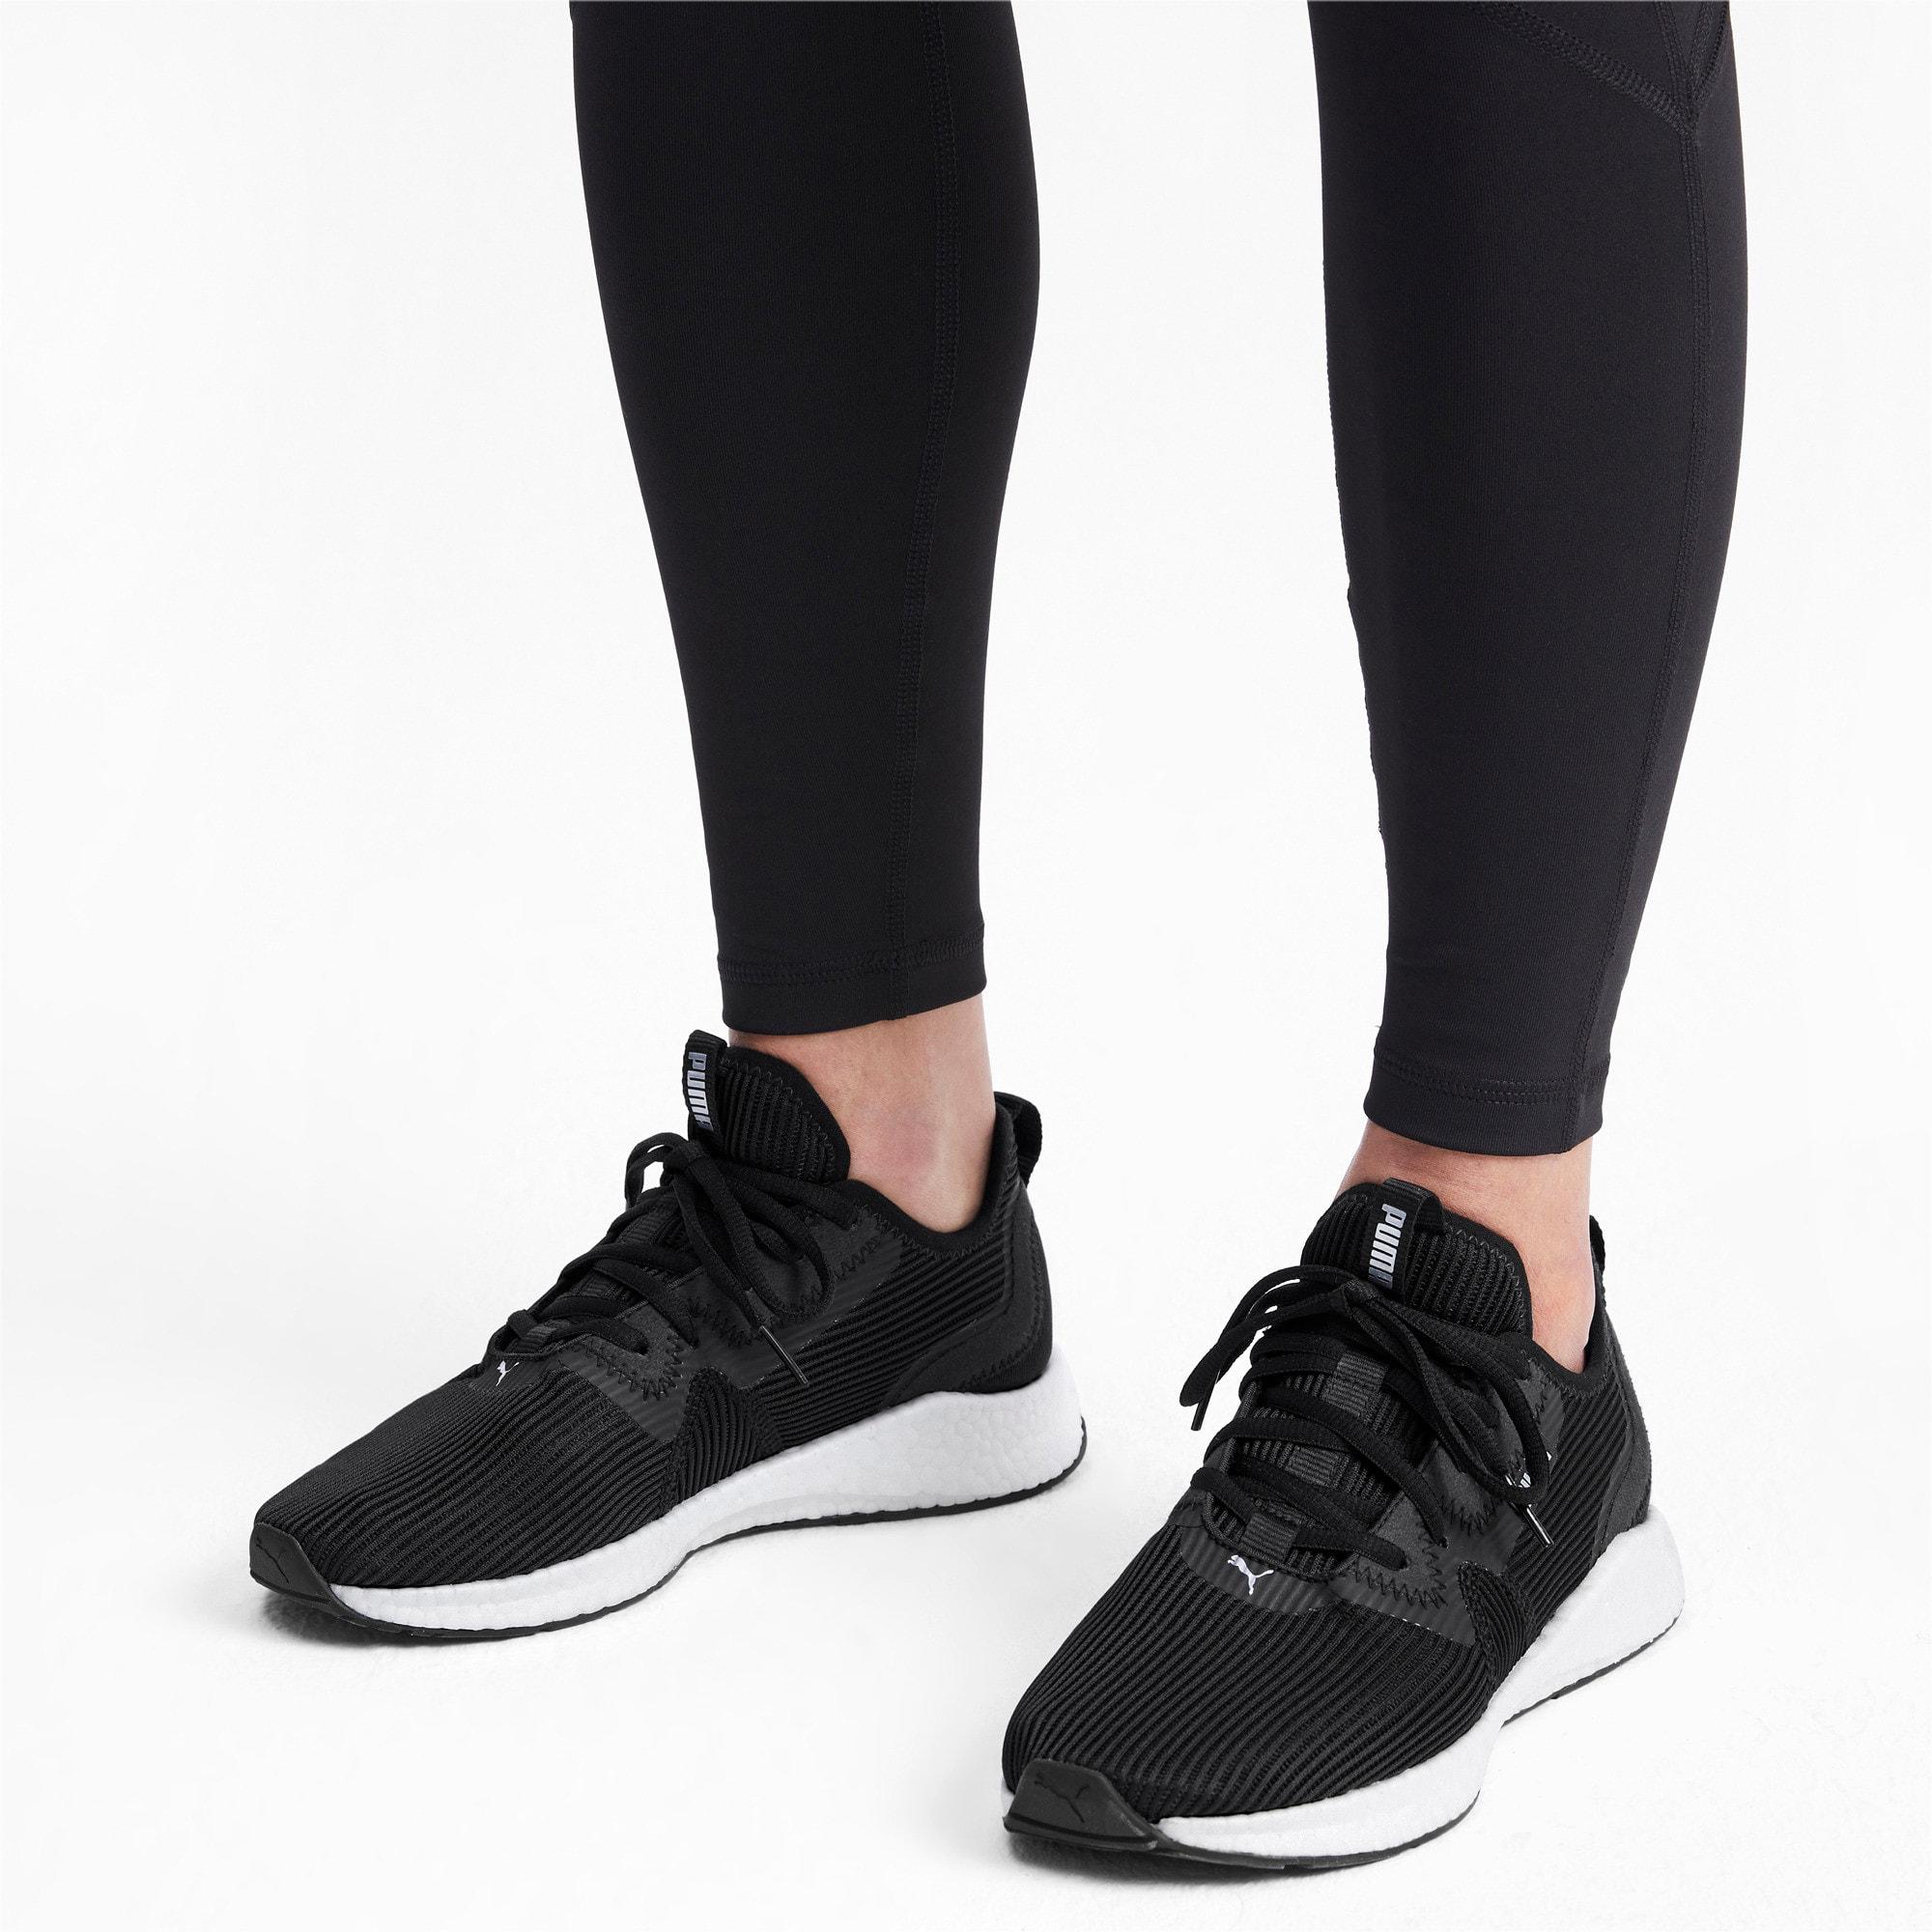 Thumbnail 3 of NRGY Star Femme Women's Running Shoes, Black-Silver-White, medium